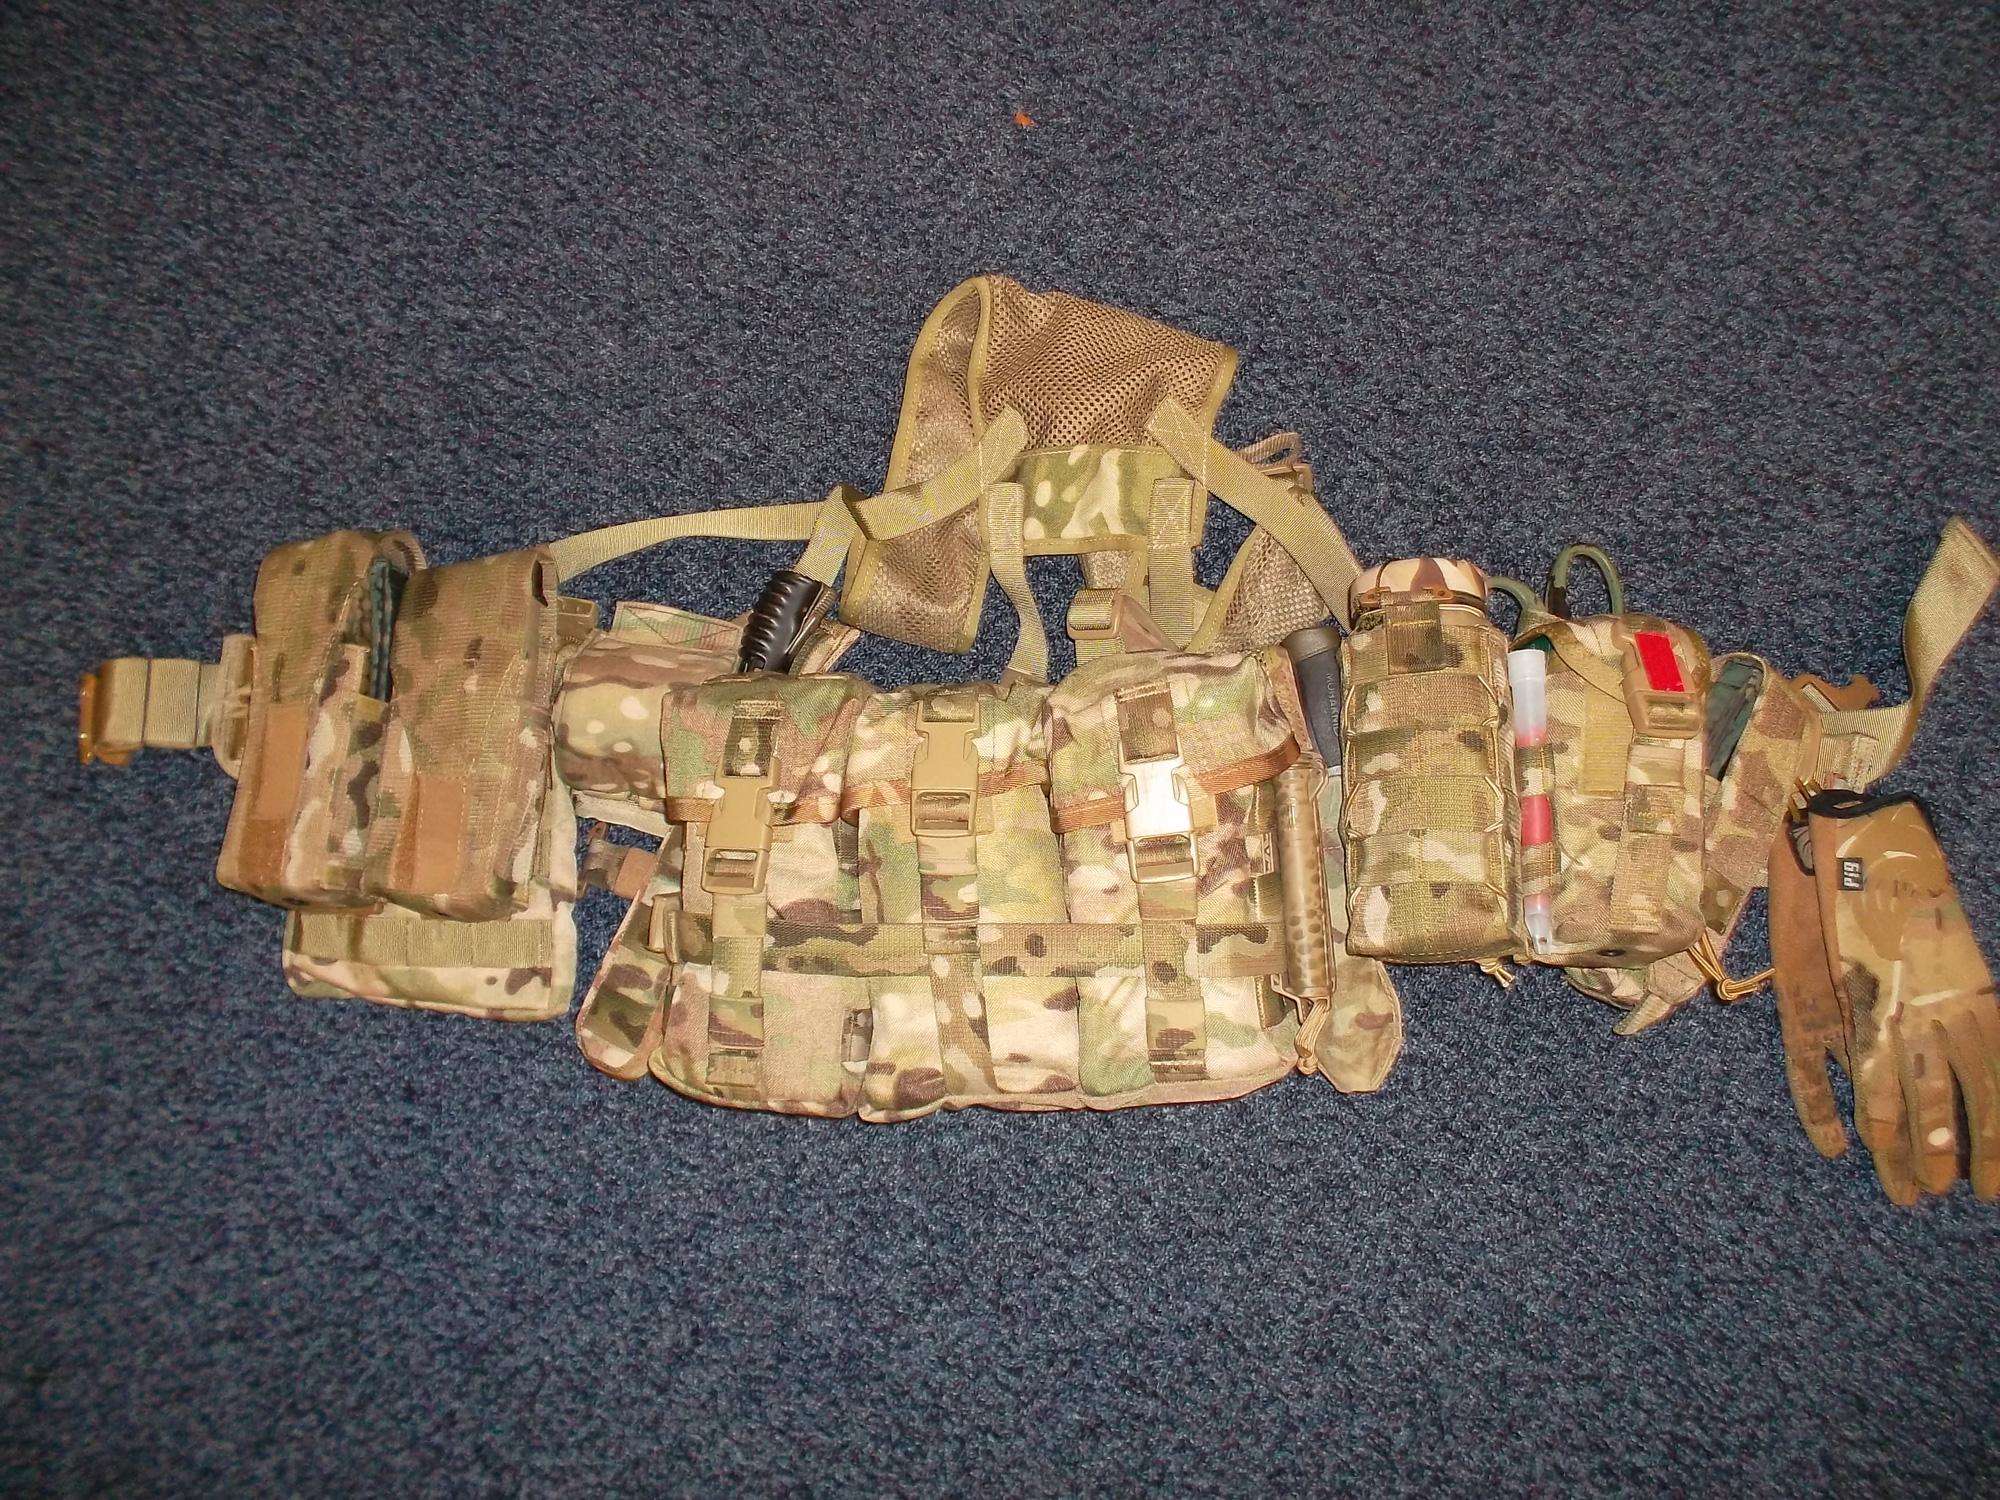 Full belt kit